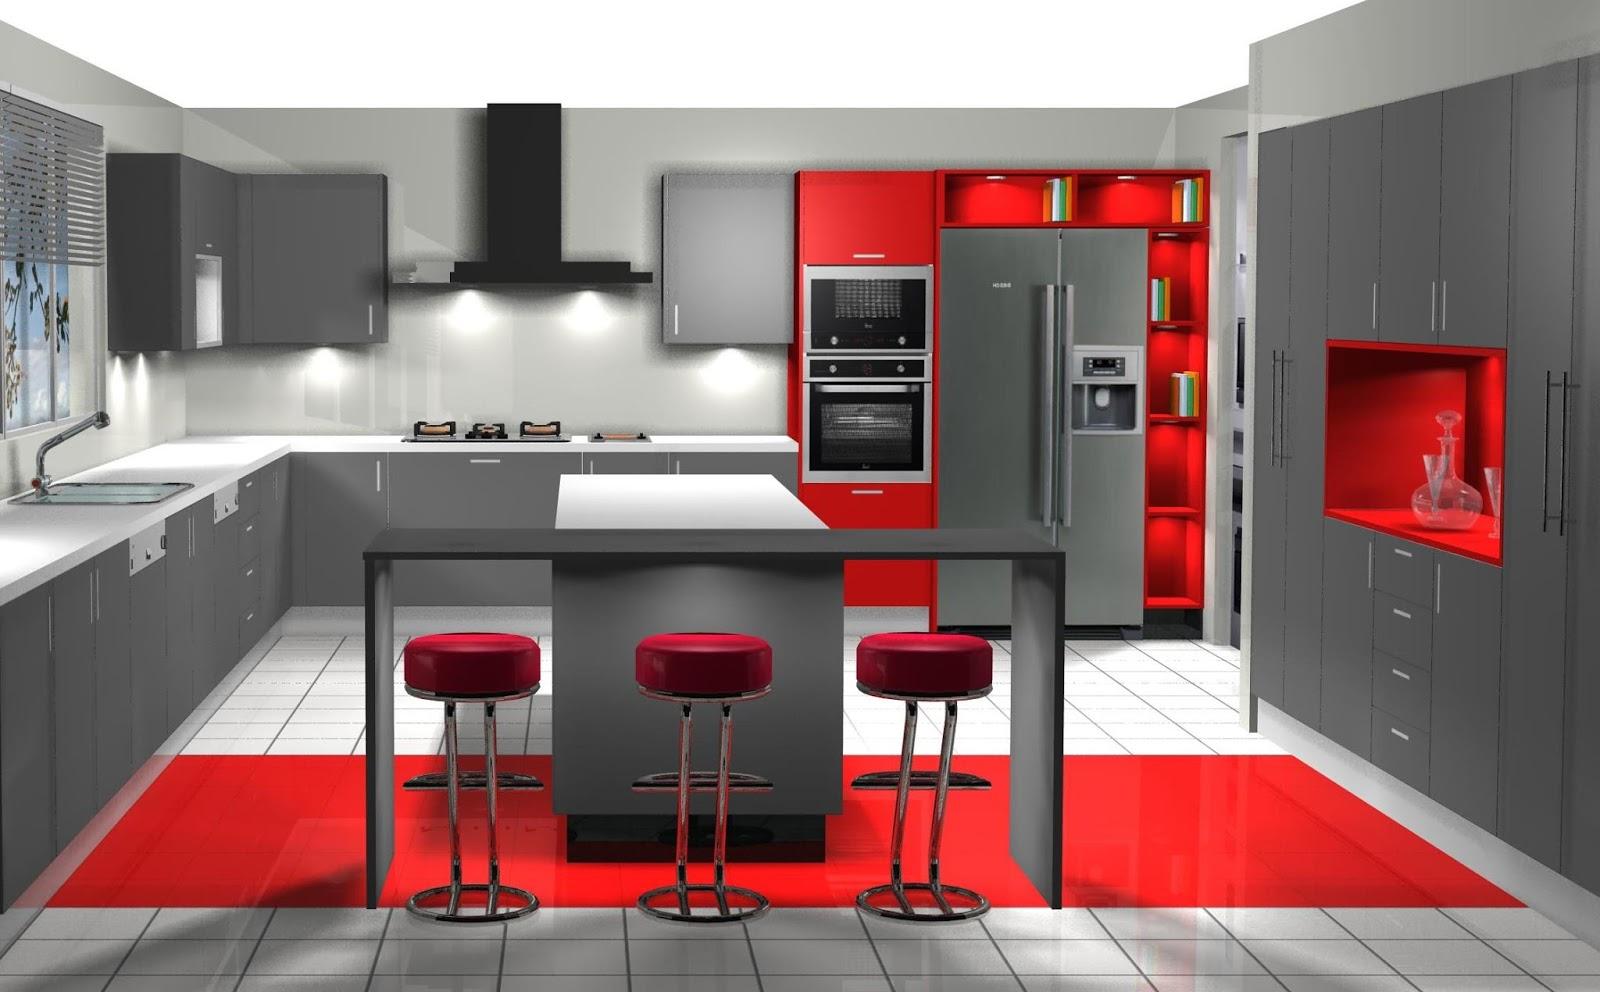 Dise o muebles de cocina dise o de cocina laminado en grafito - Muebles recibidores de diseno ...